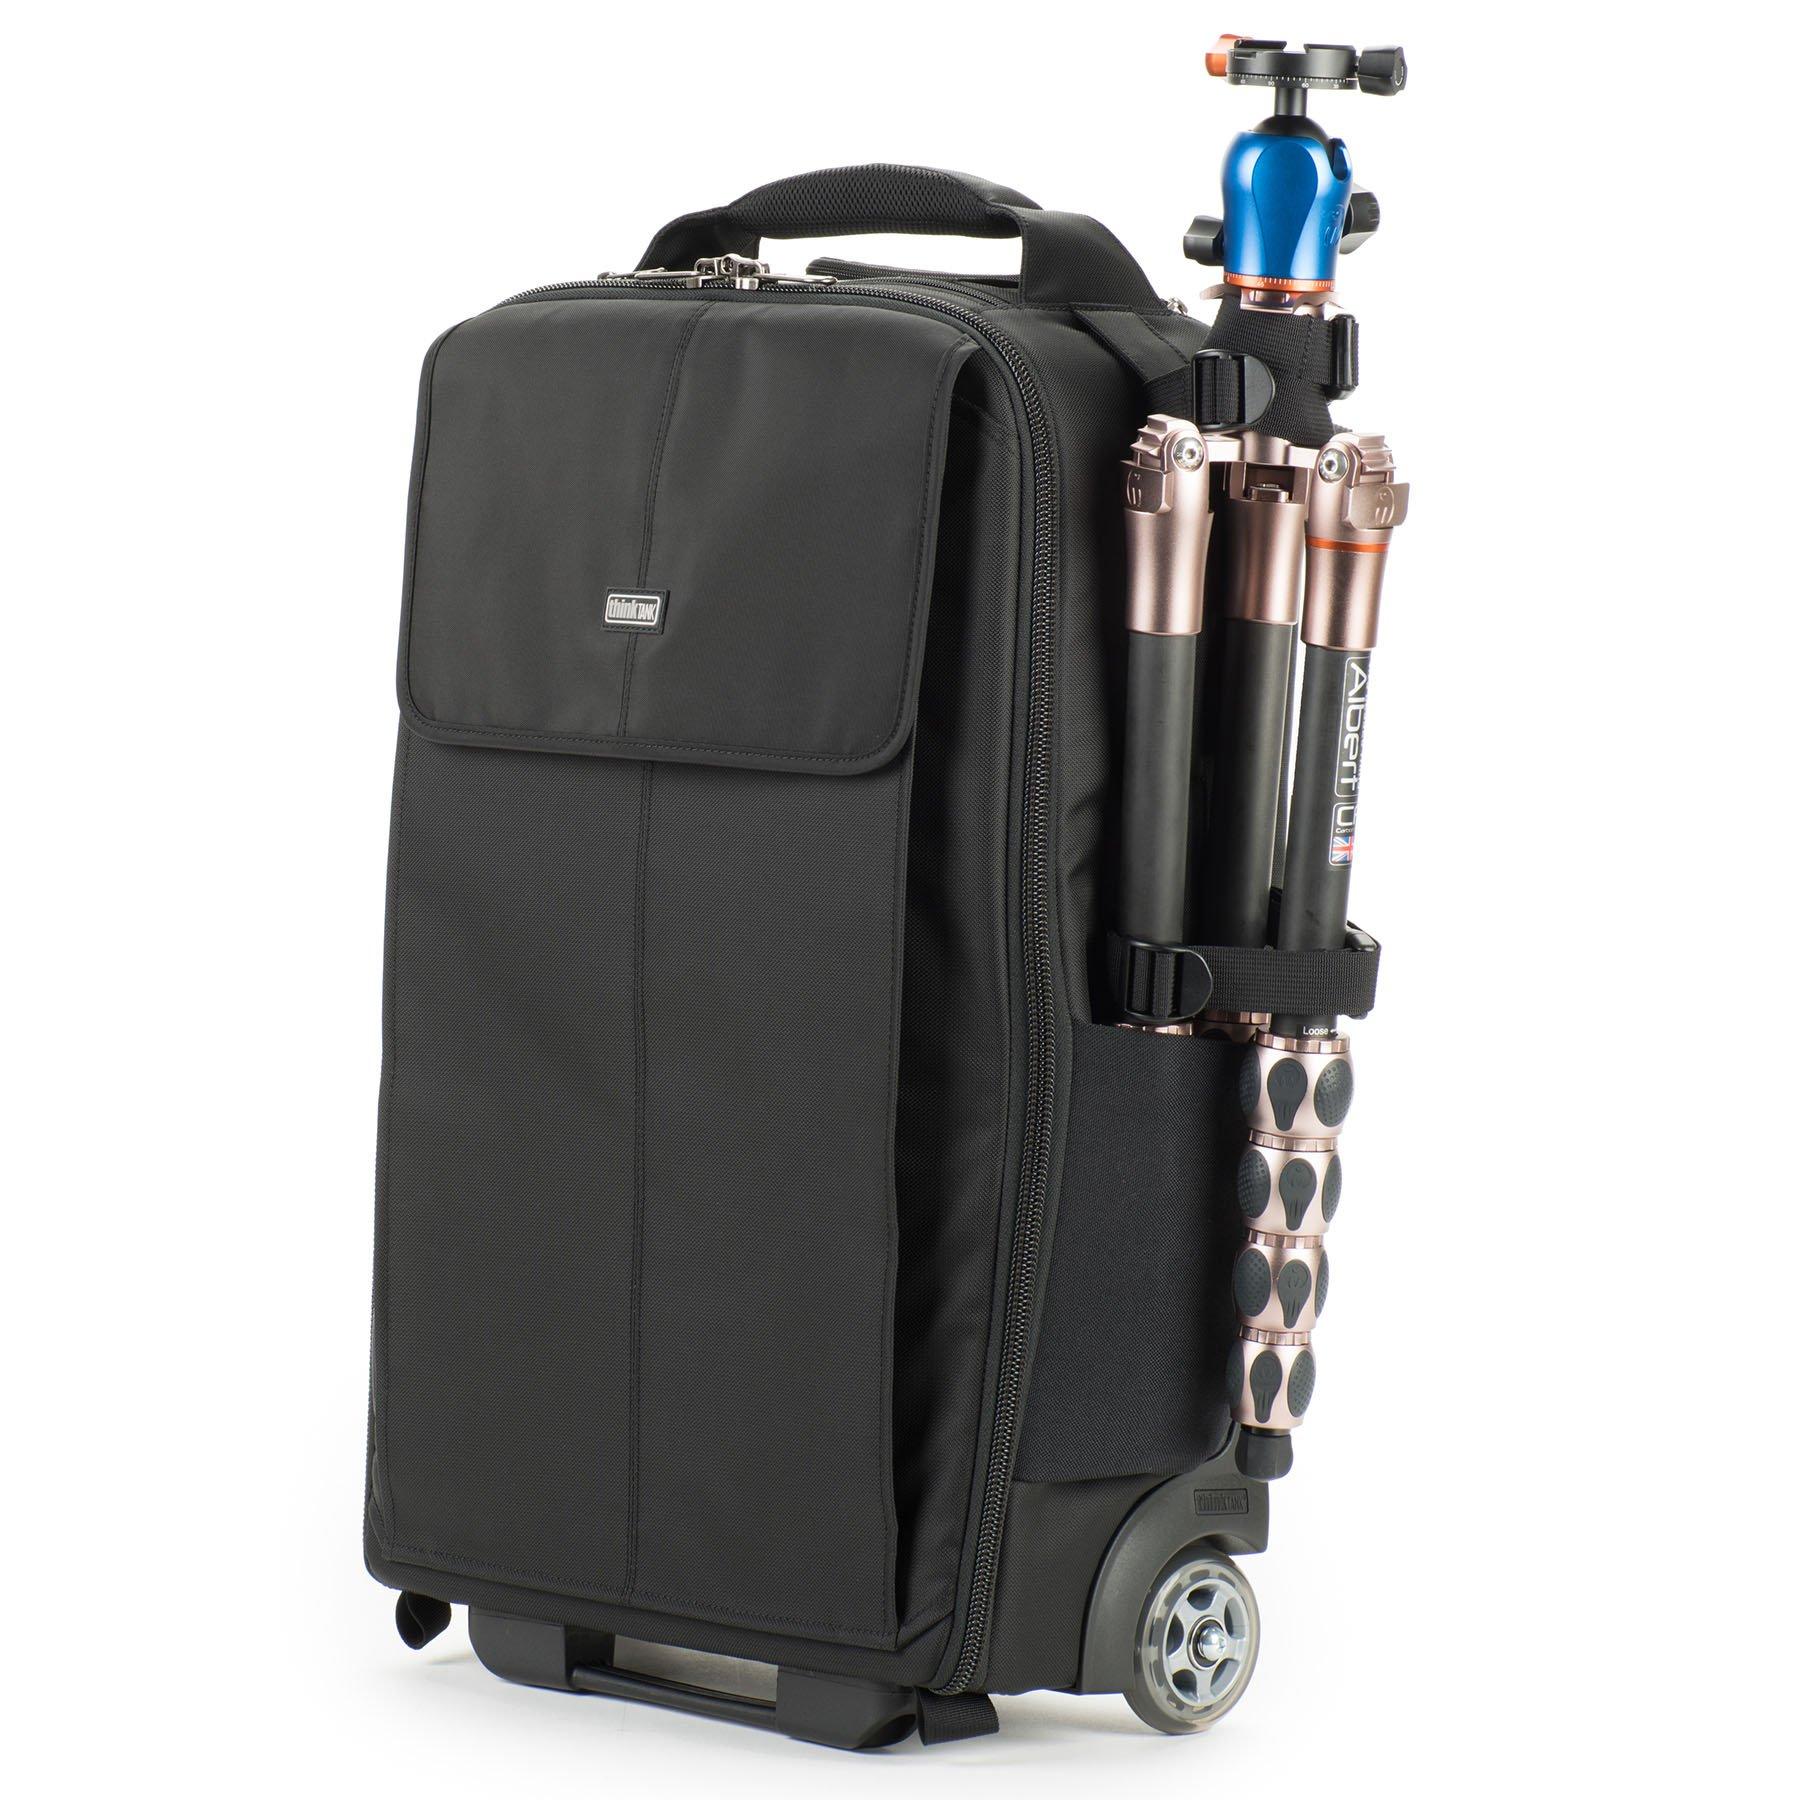 чемодан на колесиках для фототехники оно подойдет